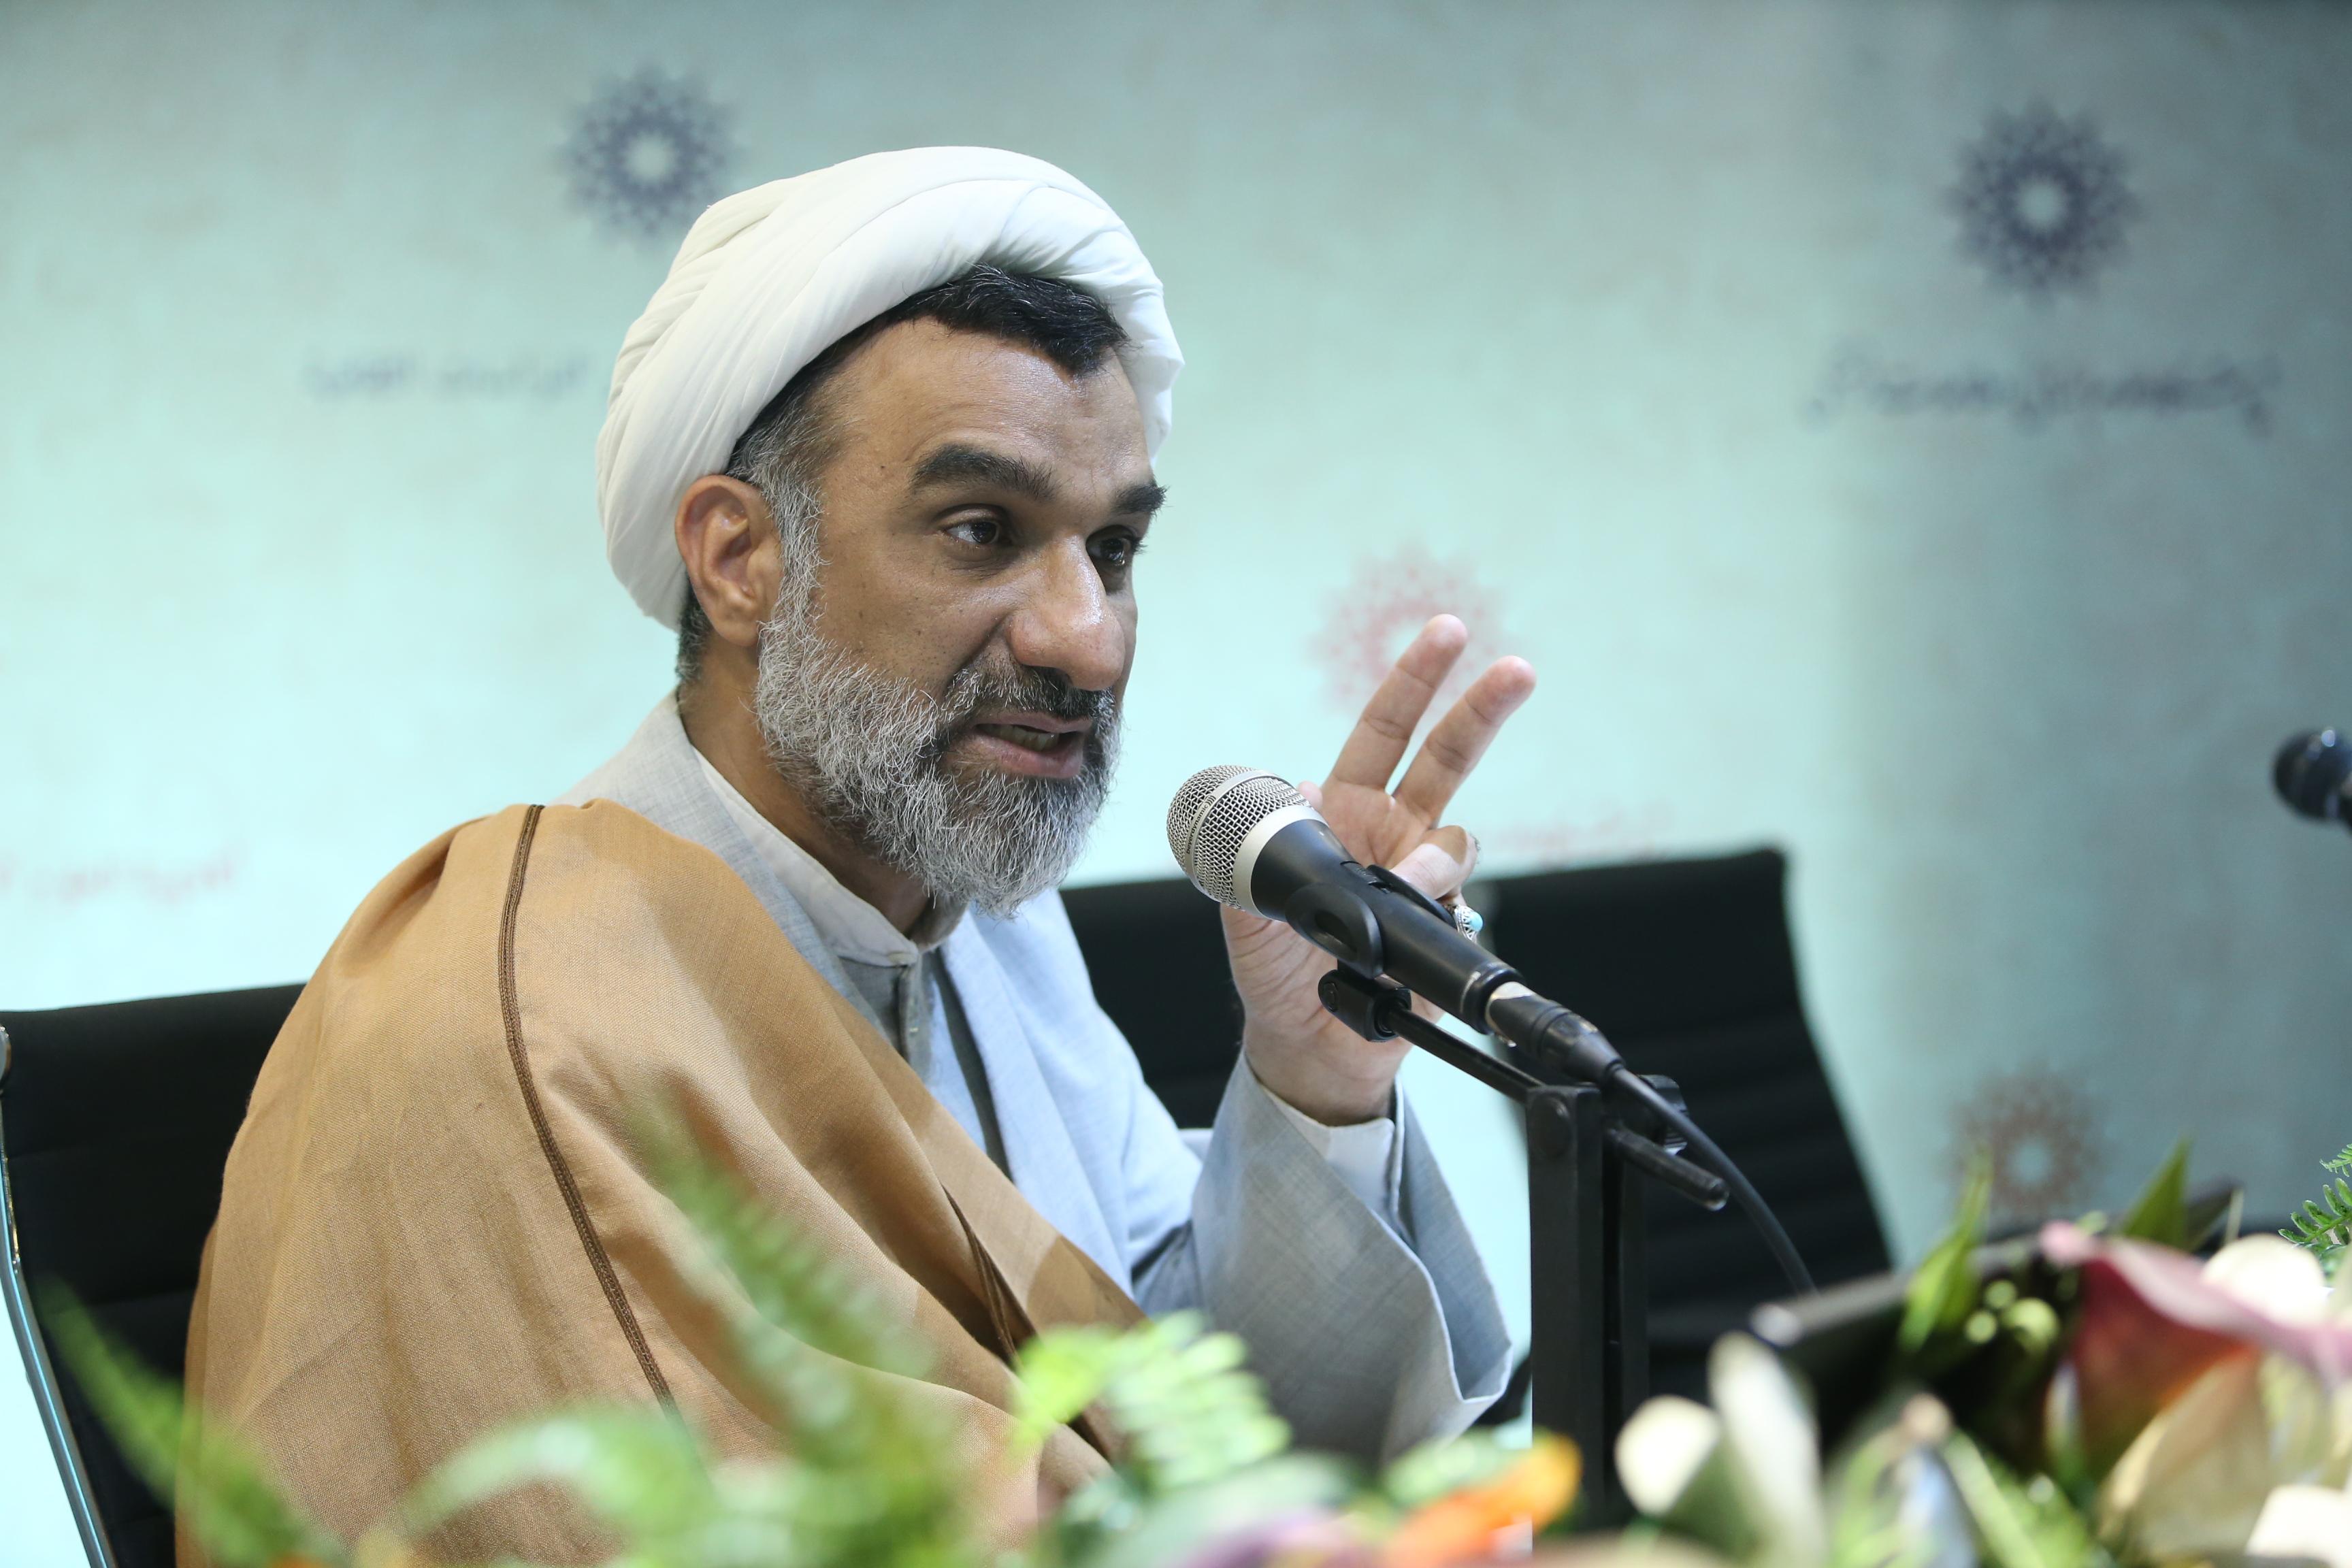 اندیشه مقام معظم رهبری استمرار اندیشه حضرت امام خمینی (ره) است